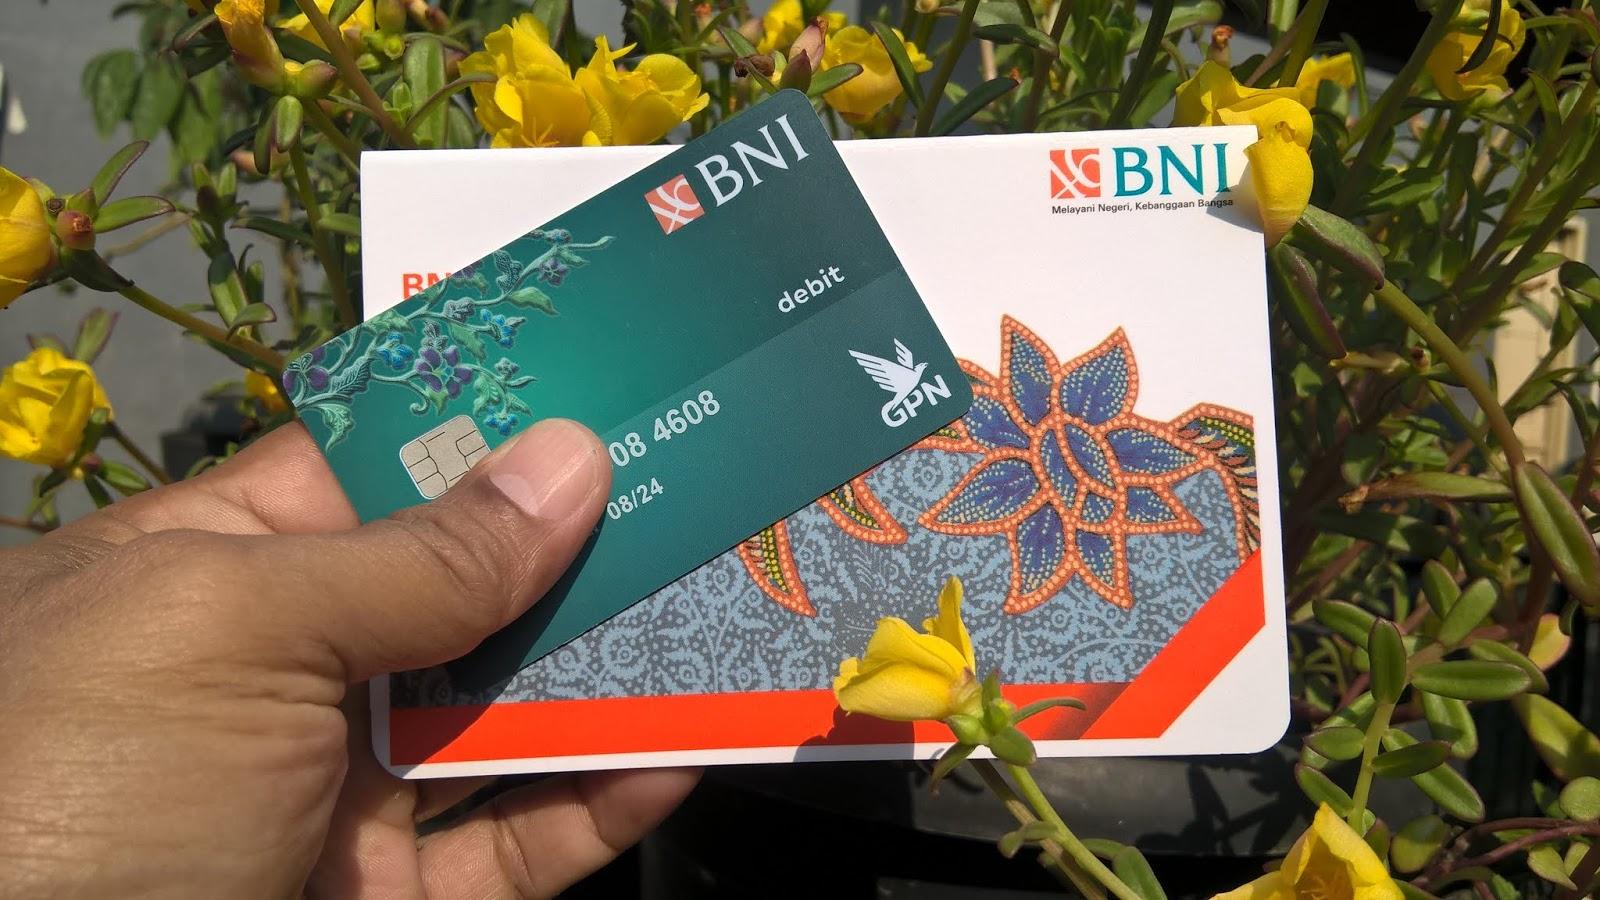 Mengganti Kartu ATM BNI yang Telah Kadaluarsa atau Expired